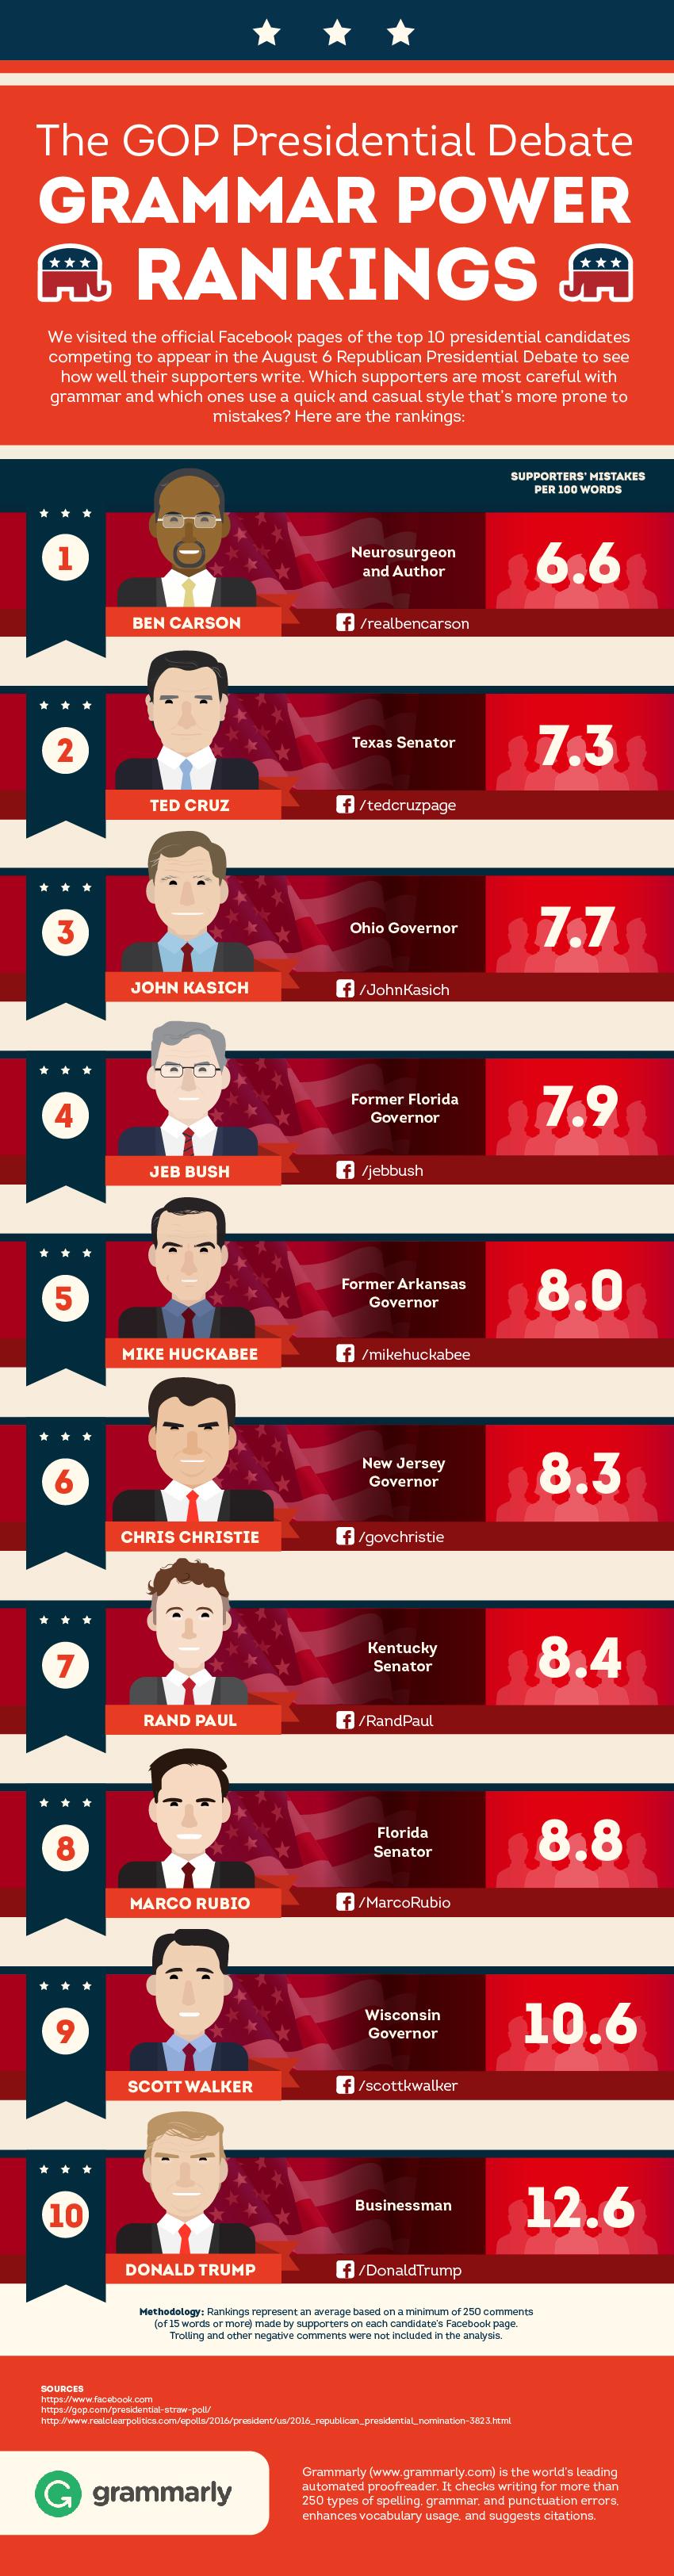 GOP Debate Grammar Power Rankings